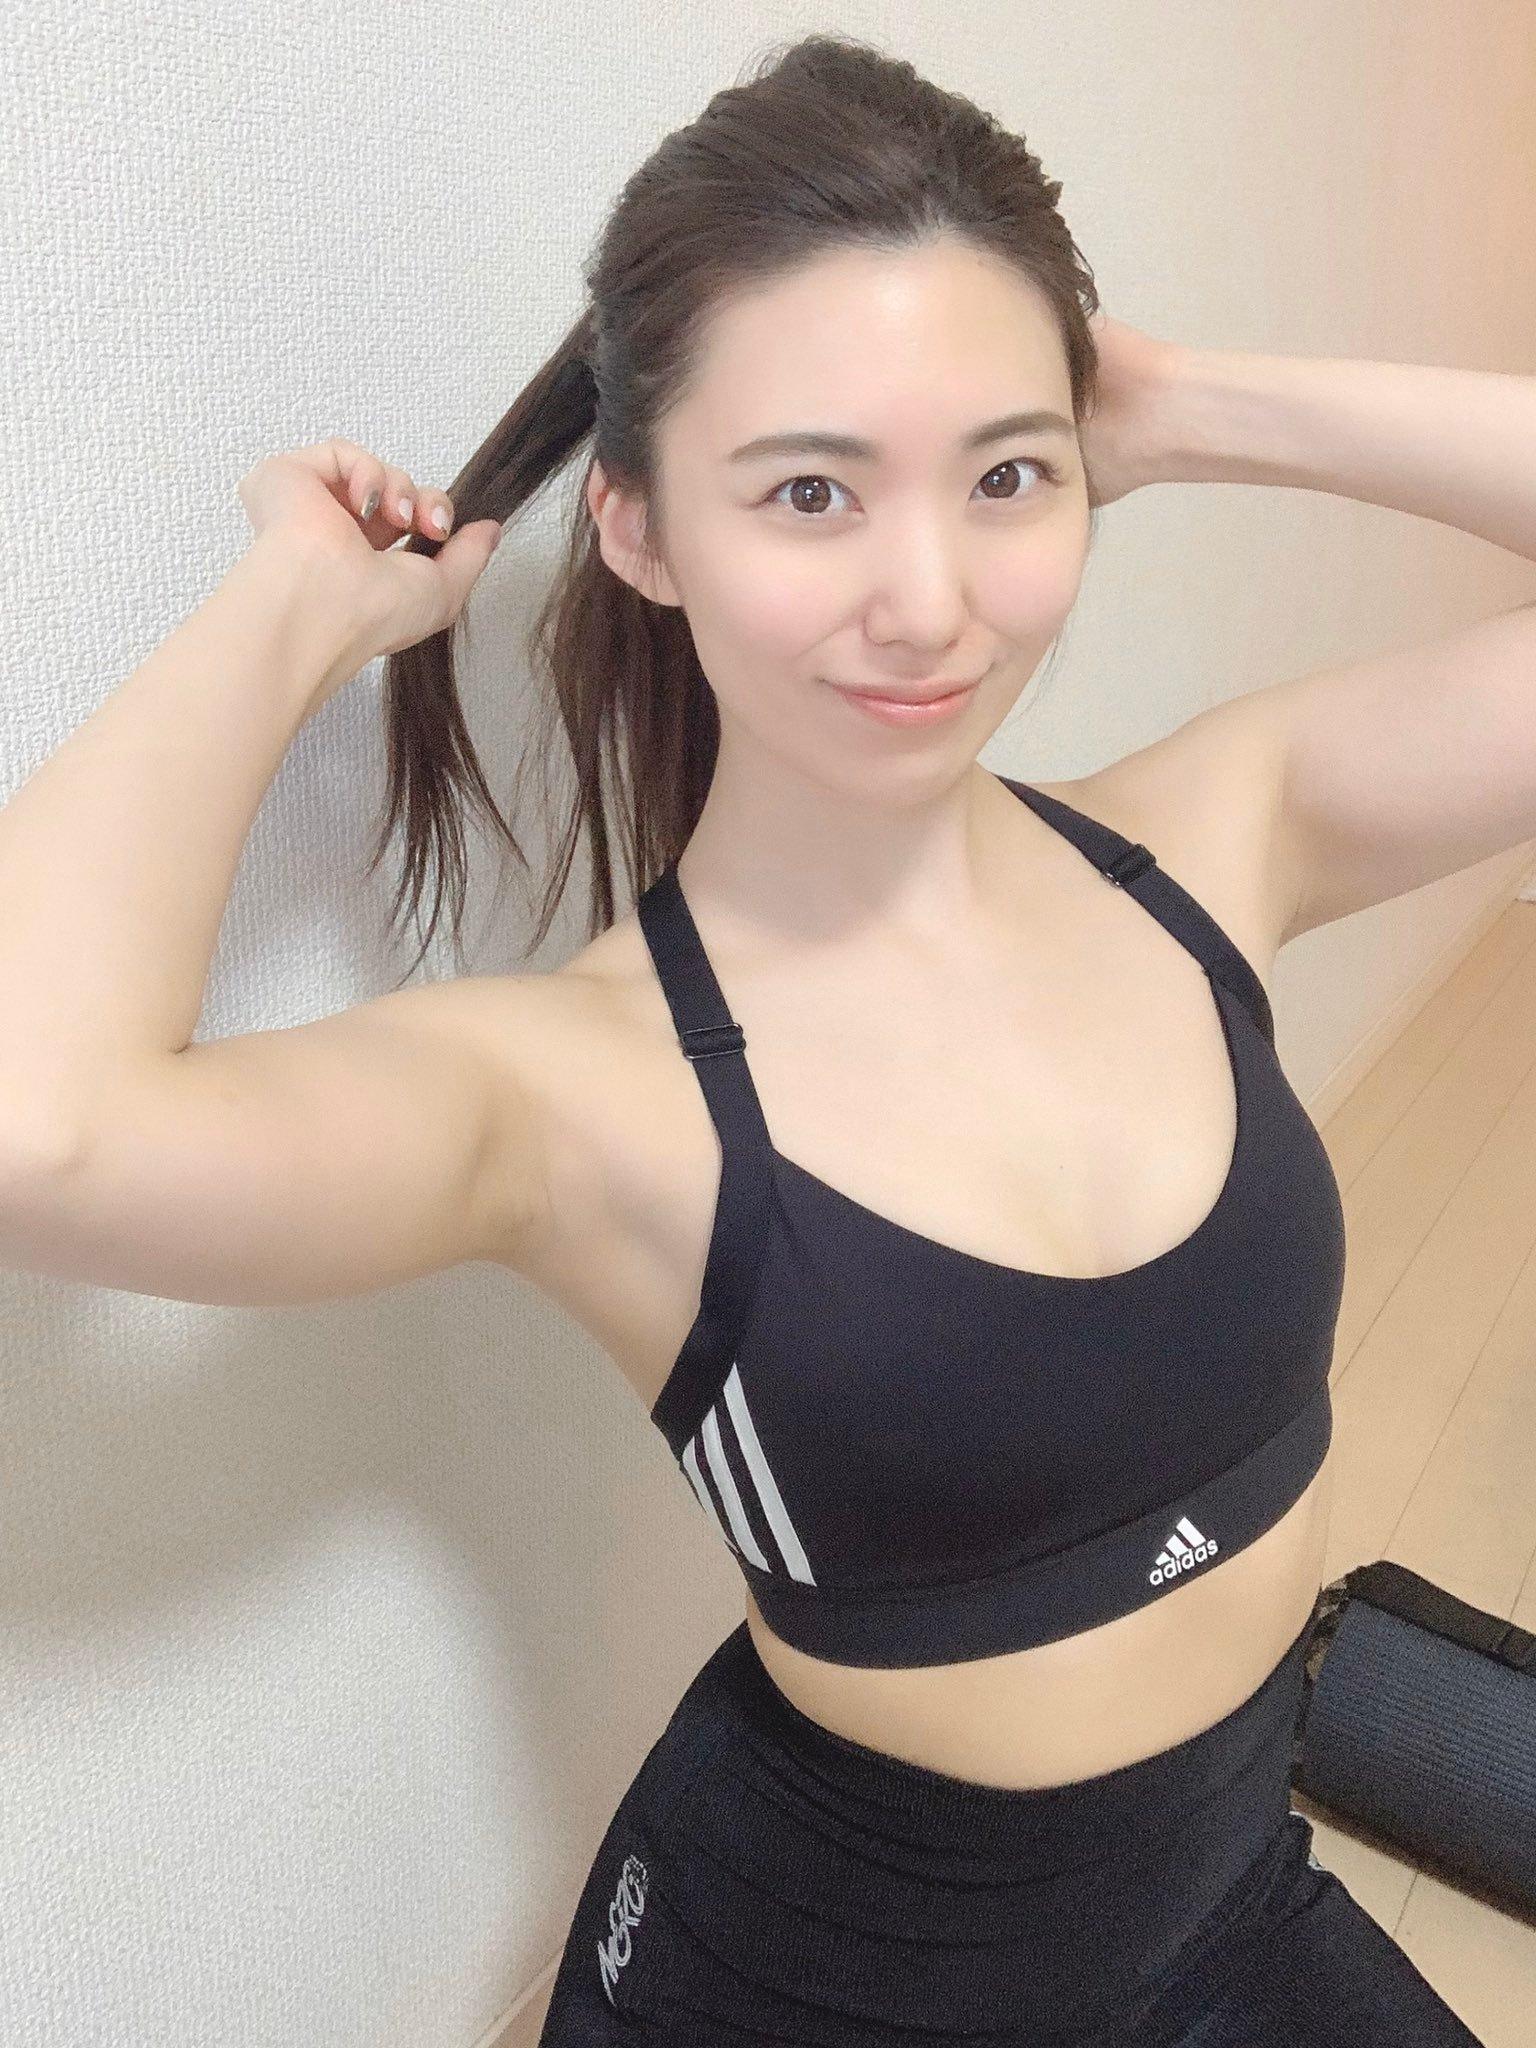 aikayamagishi 1253326687711854595_p0